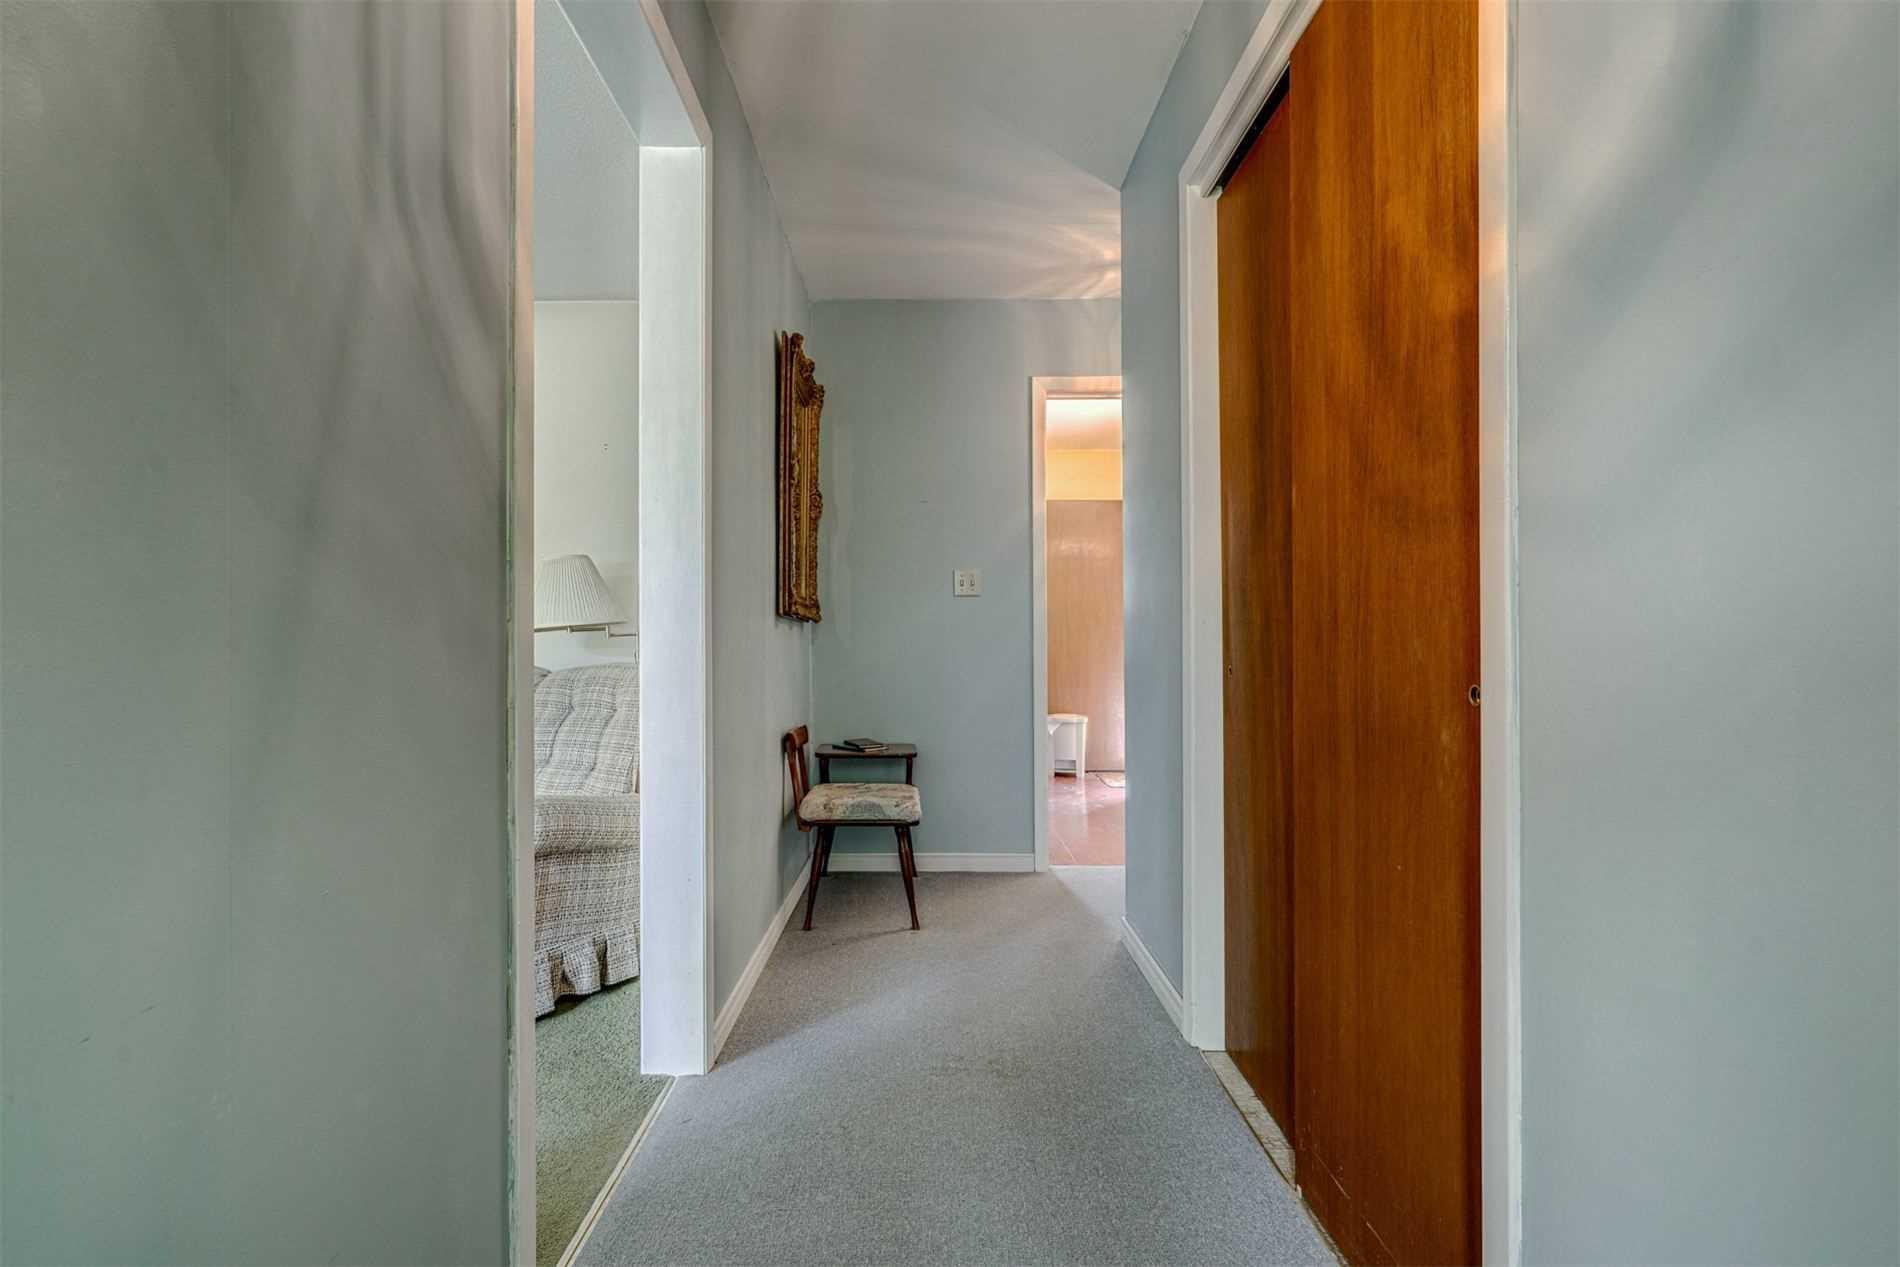 4189 Brock Rd - Uxbridge Detached for sale, 3 Bedrooms (N5311768) - #9